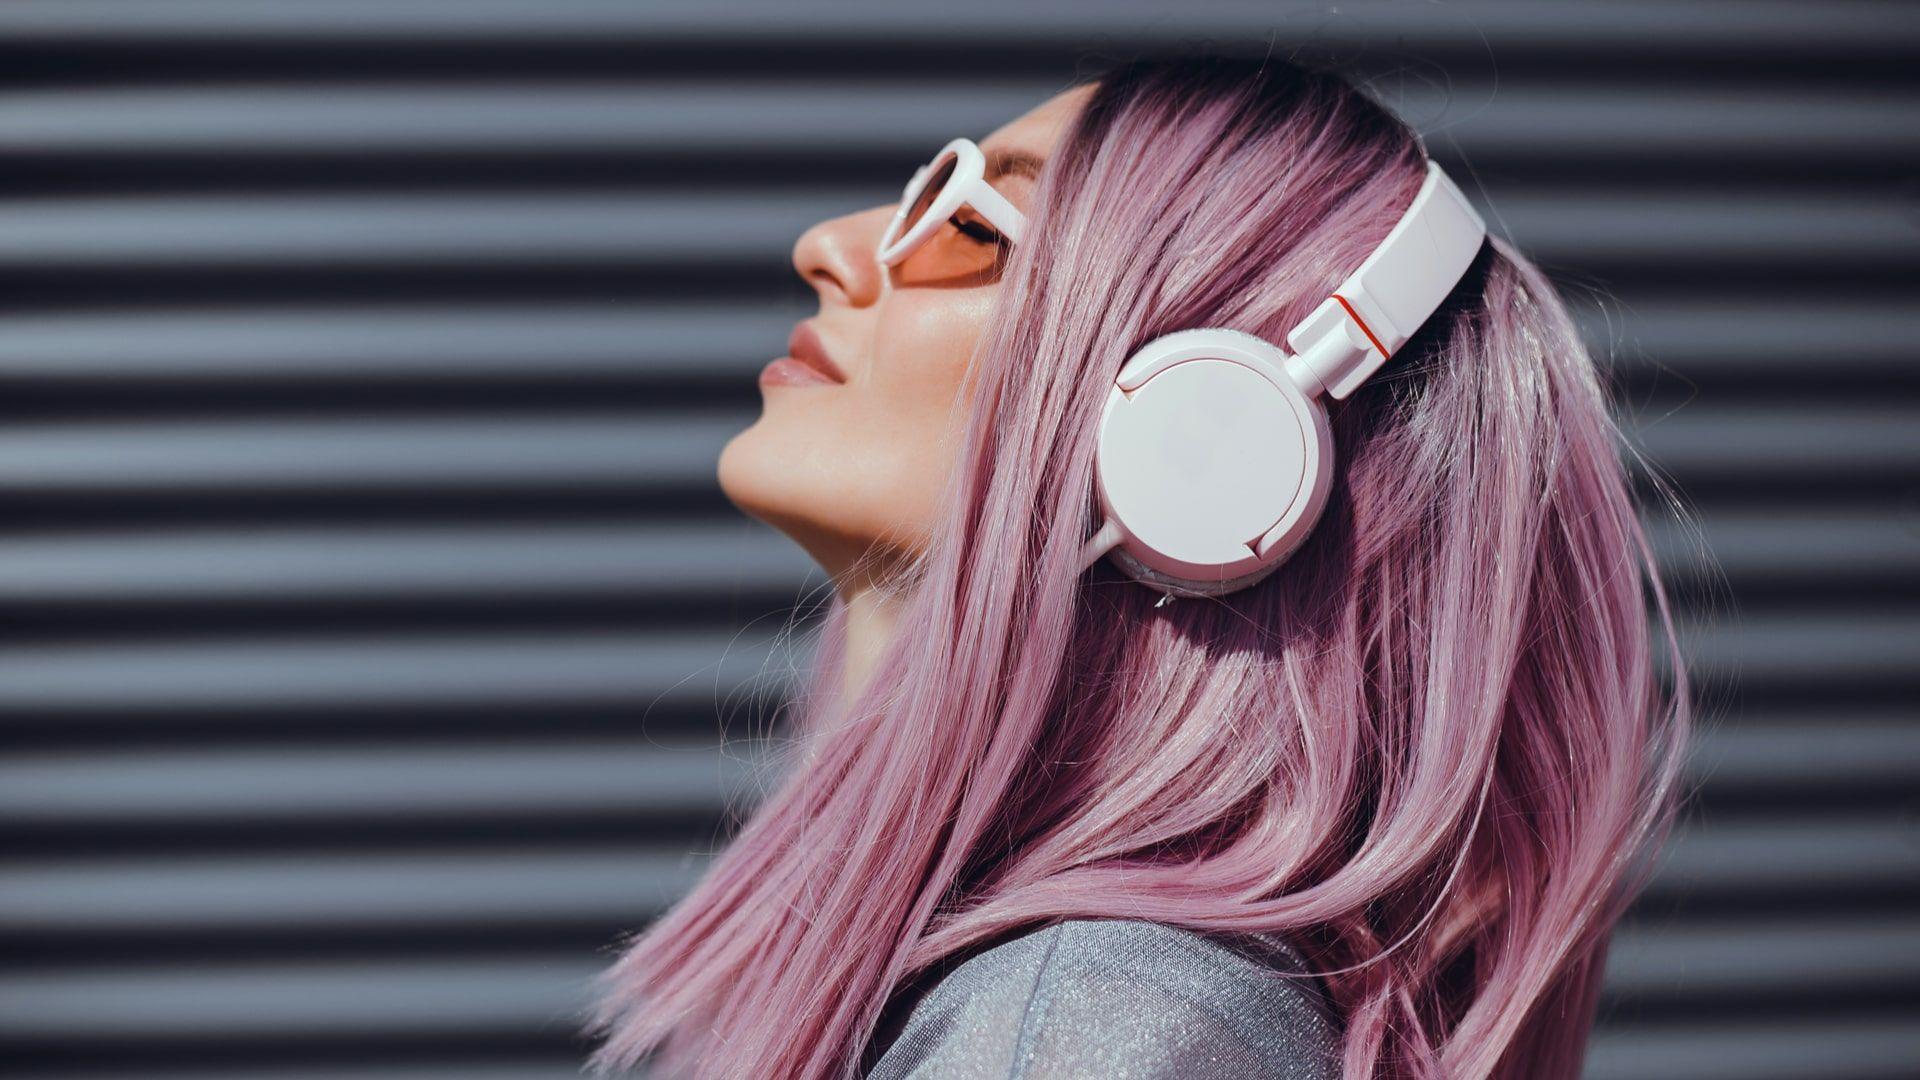 Mulher de perfil usando fone de ouvido no estilo headphone